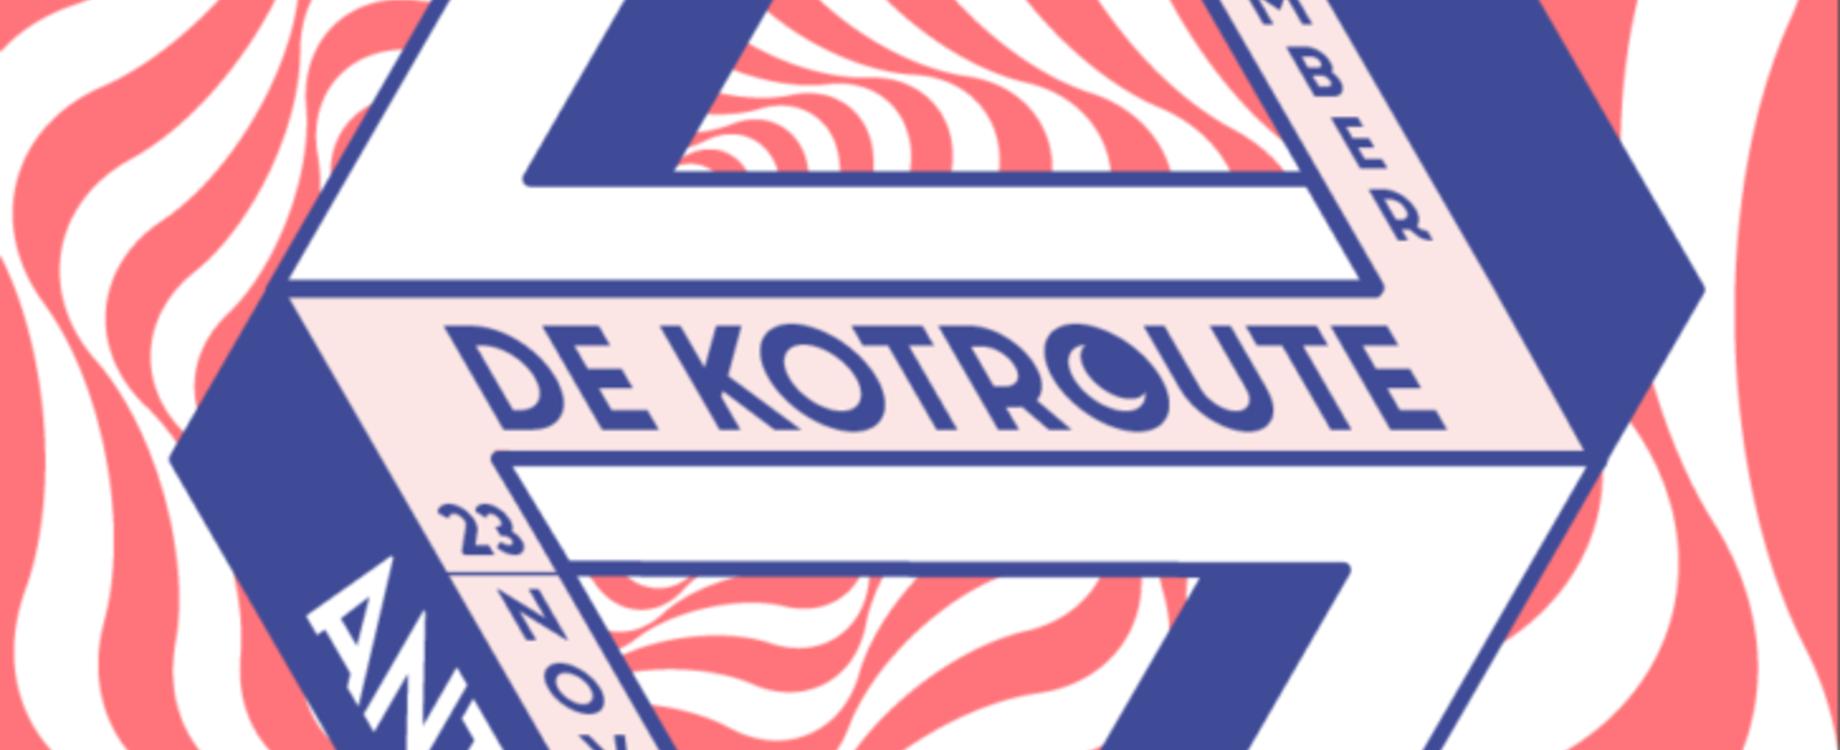 De Kotroute